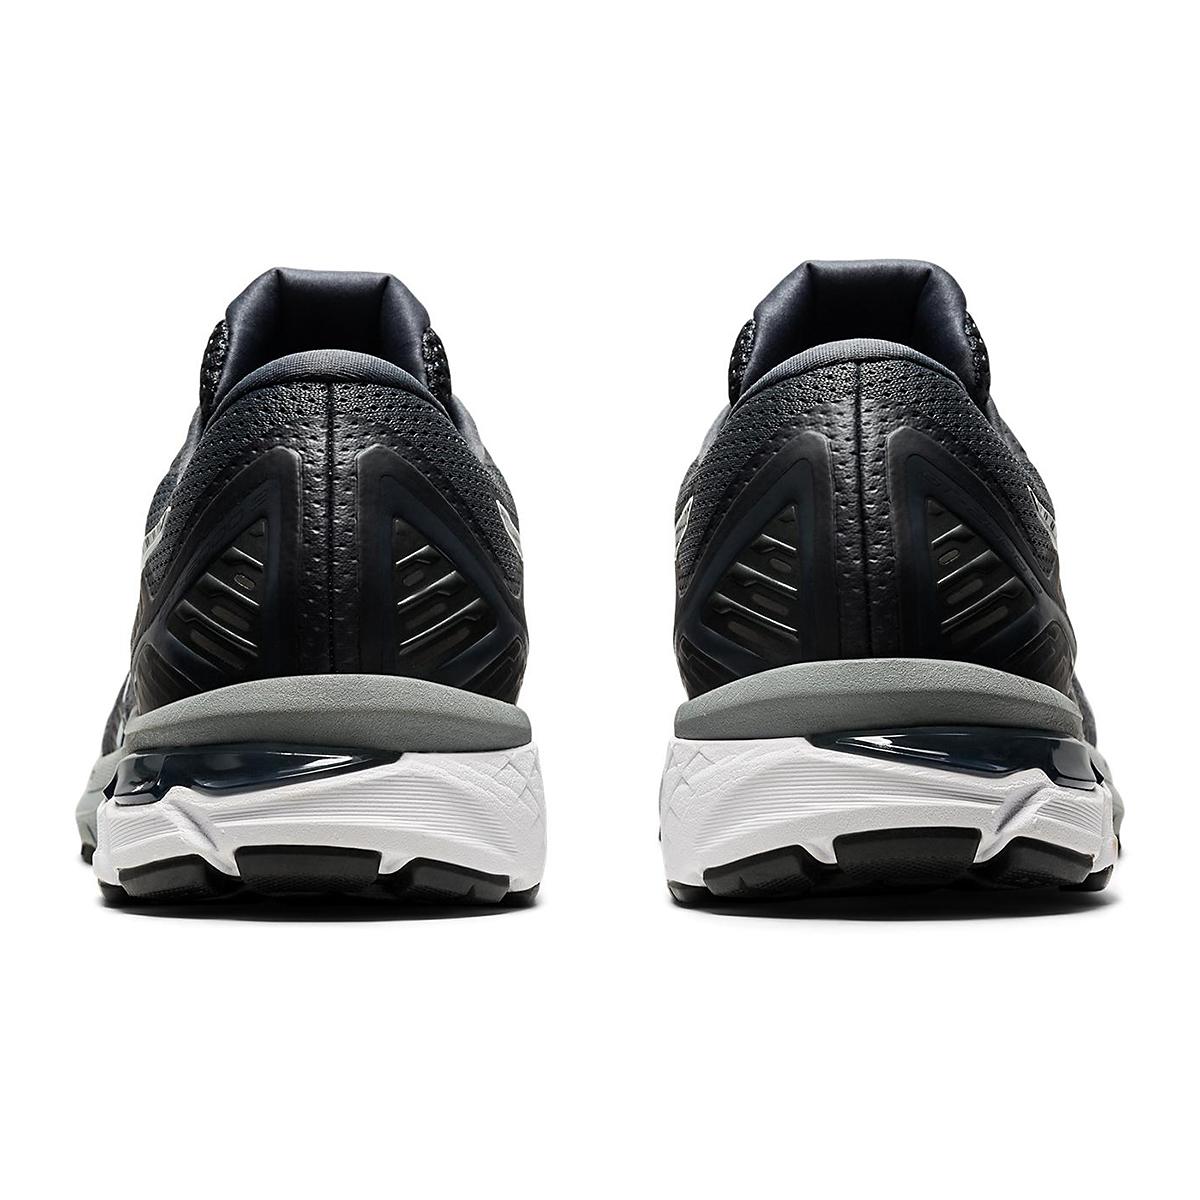 Men's Asics Gt-2000 9 Running Shoe - Color: Carrier Grey/Black - Size: 11 - Width: Regular, Carrier Grey/Black, large, image 5